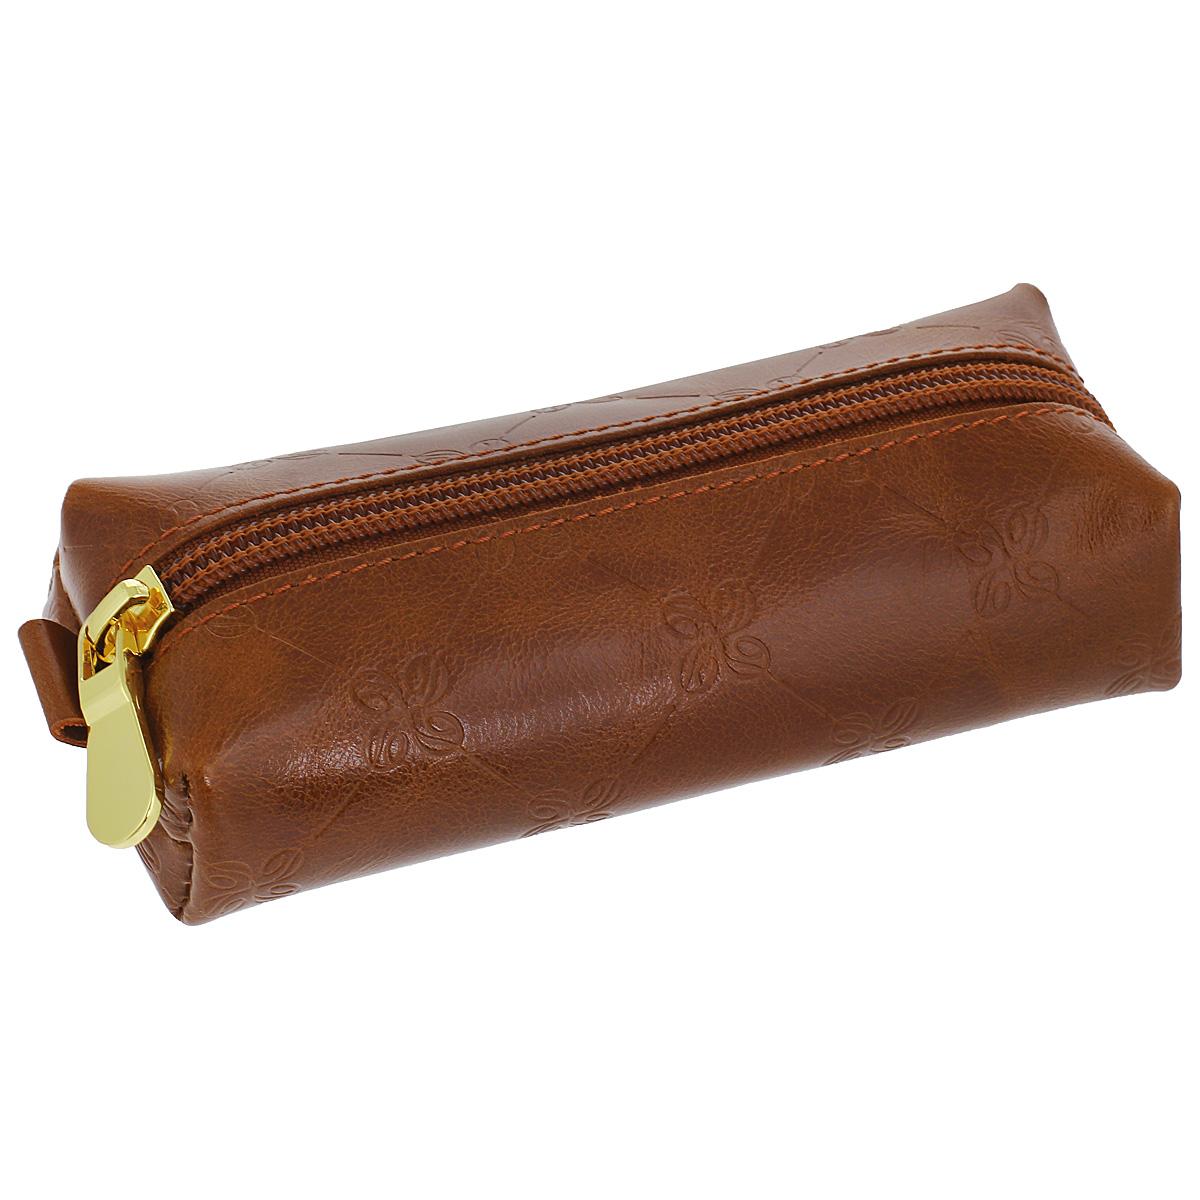 Ключница Dimanche Louis Brun, цвет: коричневый. 609609Компактная ключница Louis Brun - стильная вещь для хранения ключей. Ключница выполнена из натуральной кожи. Состоит из одного отделения, закрывающегося на застежку-молнию. Внутри ключницы на кожаной петле крепится металлическое кольцо для ключей.